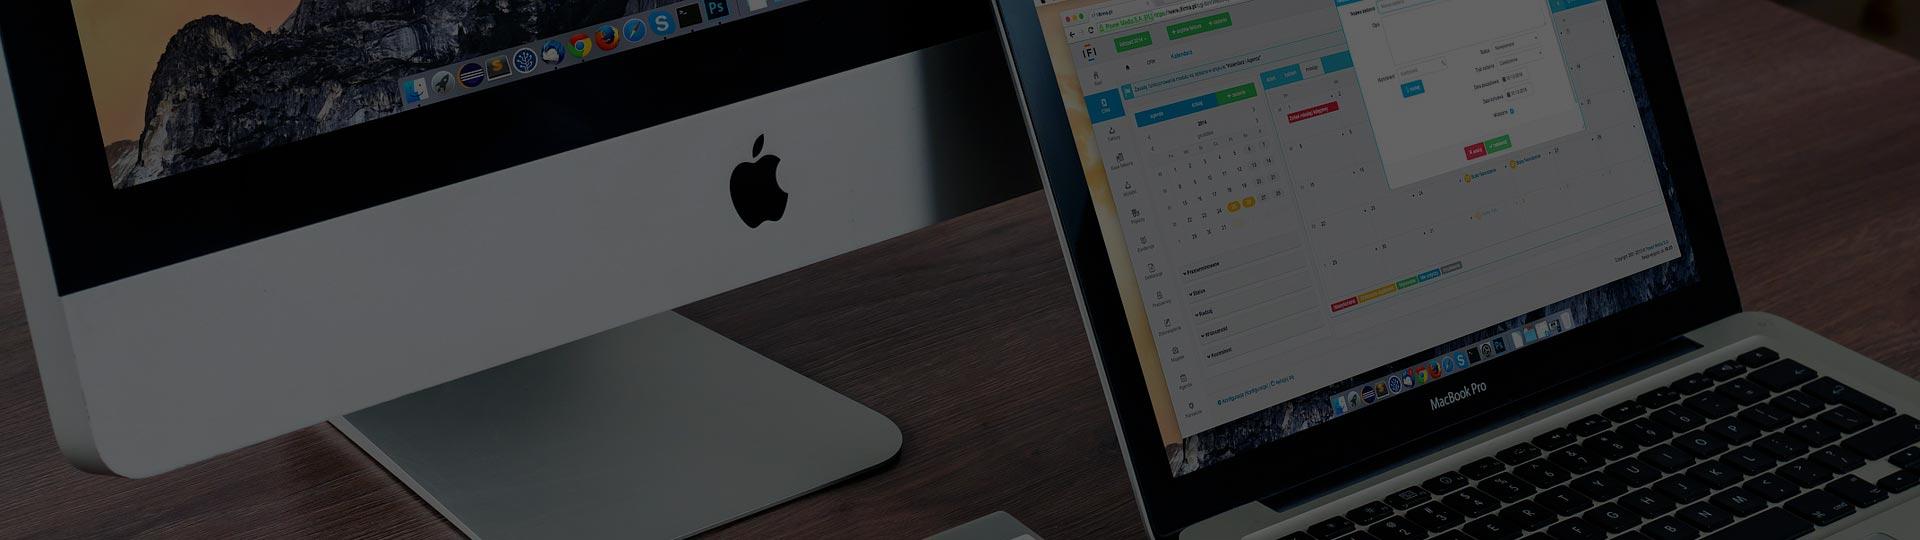 Sviluppo Siti Web Commerciali Rho